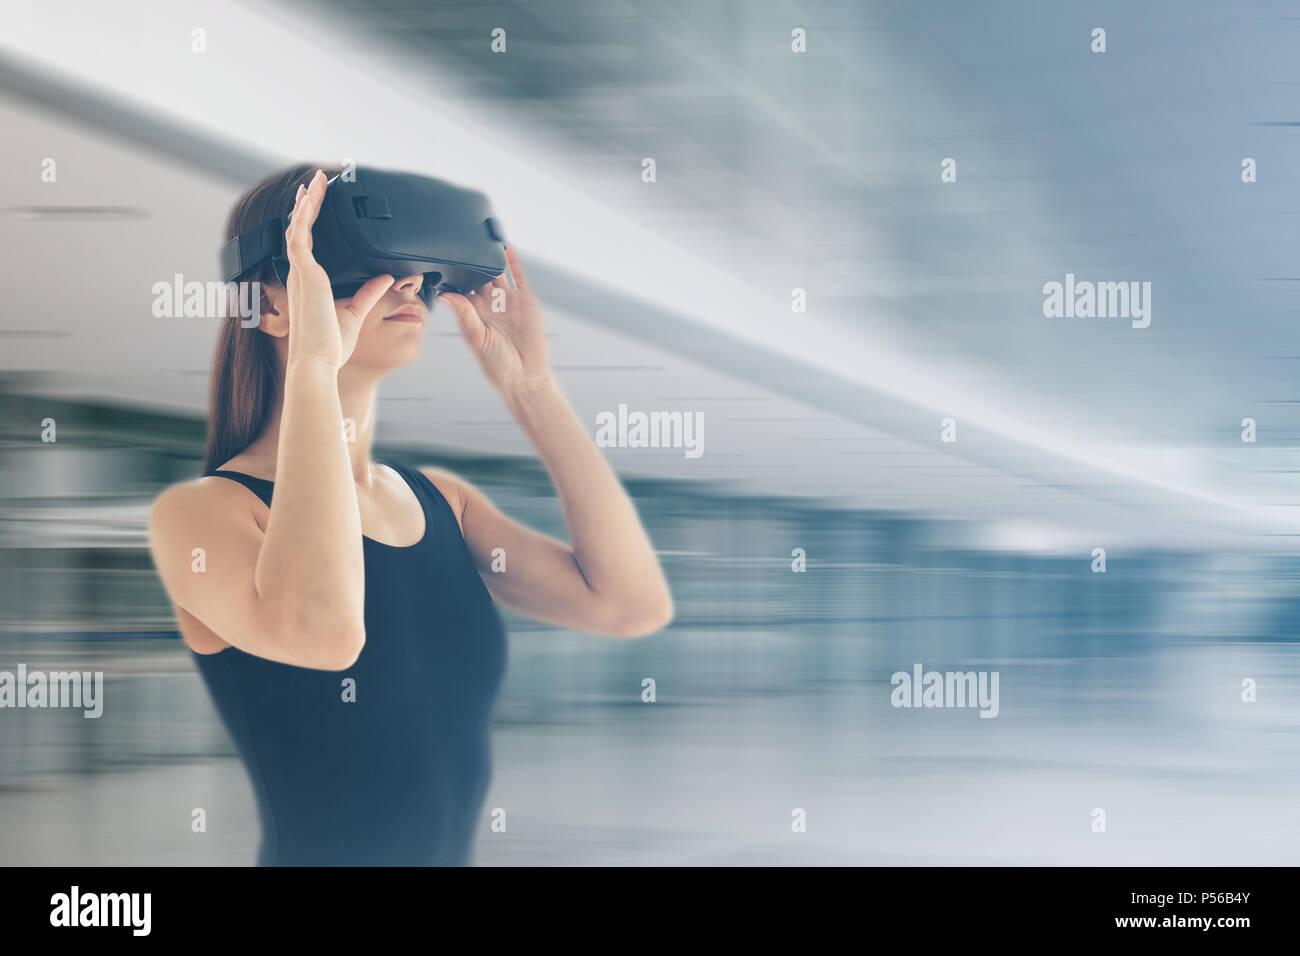 Jeune femme avec des lunettes de réalité virtuelle. Technologie du présent et l'avenir Photo Stock